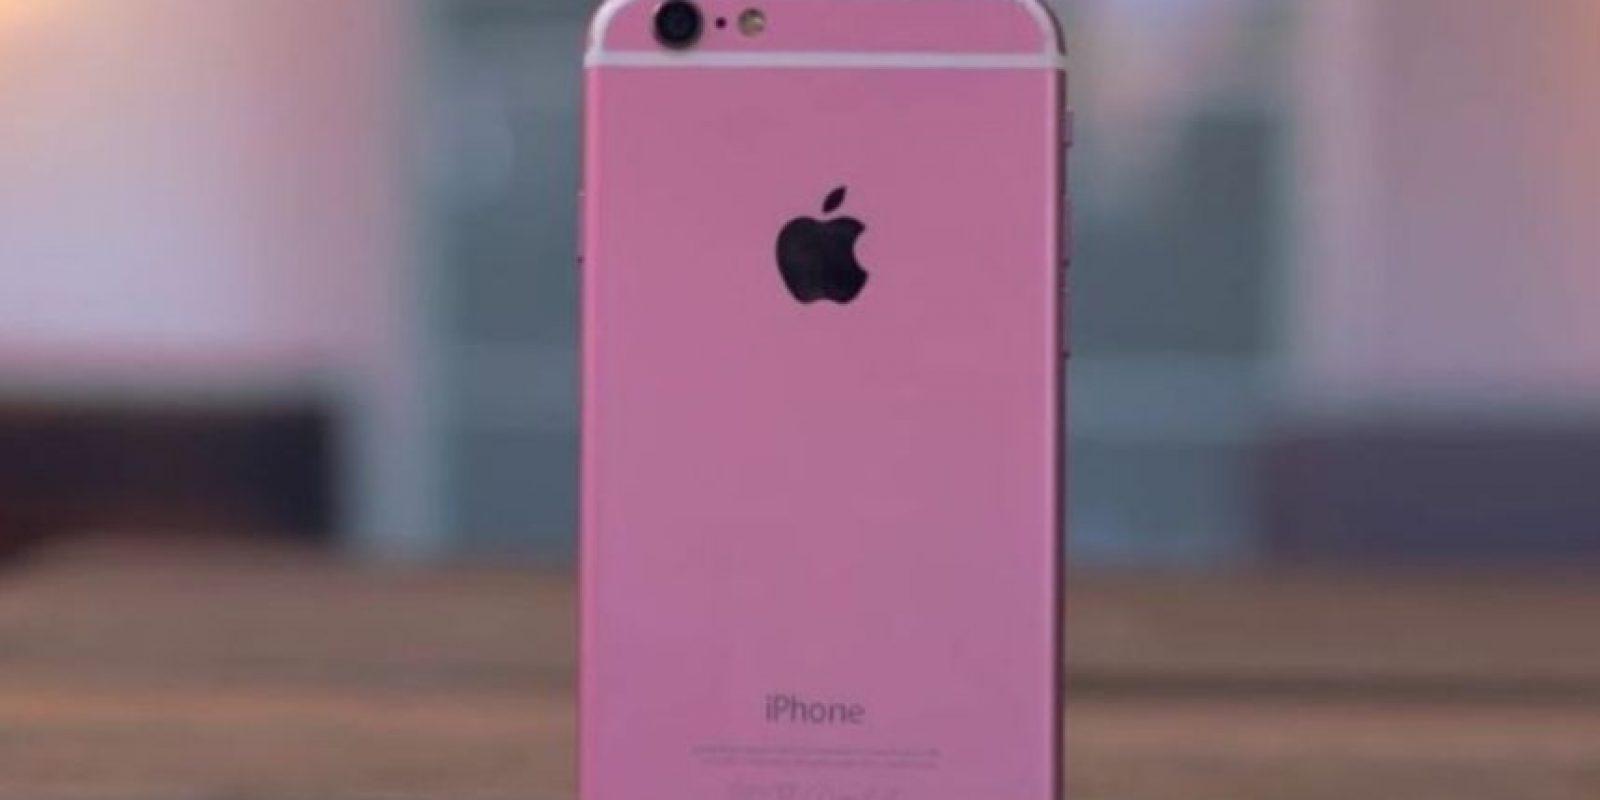 """l color rosa es más fuerte y le falta la letra """"S"""" distintiva del modelo. Foto:Jonathan Morrison / YouTube"""